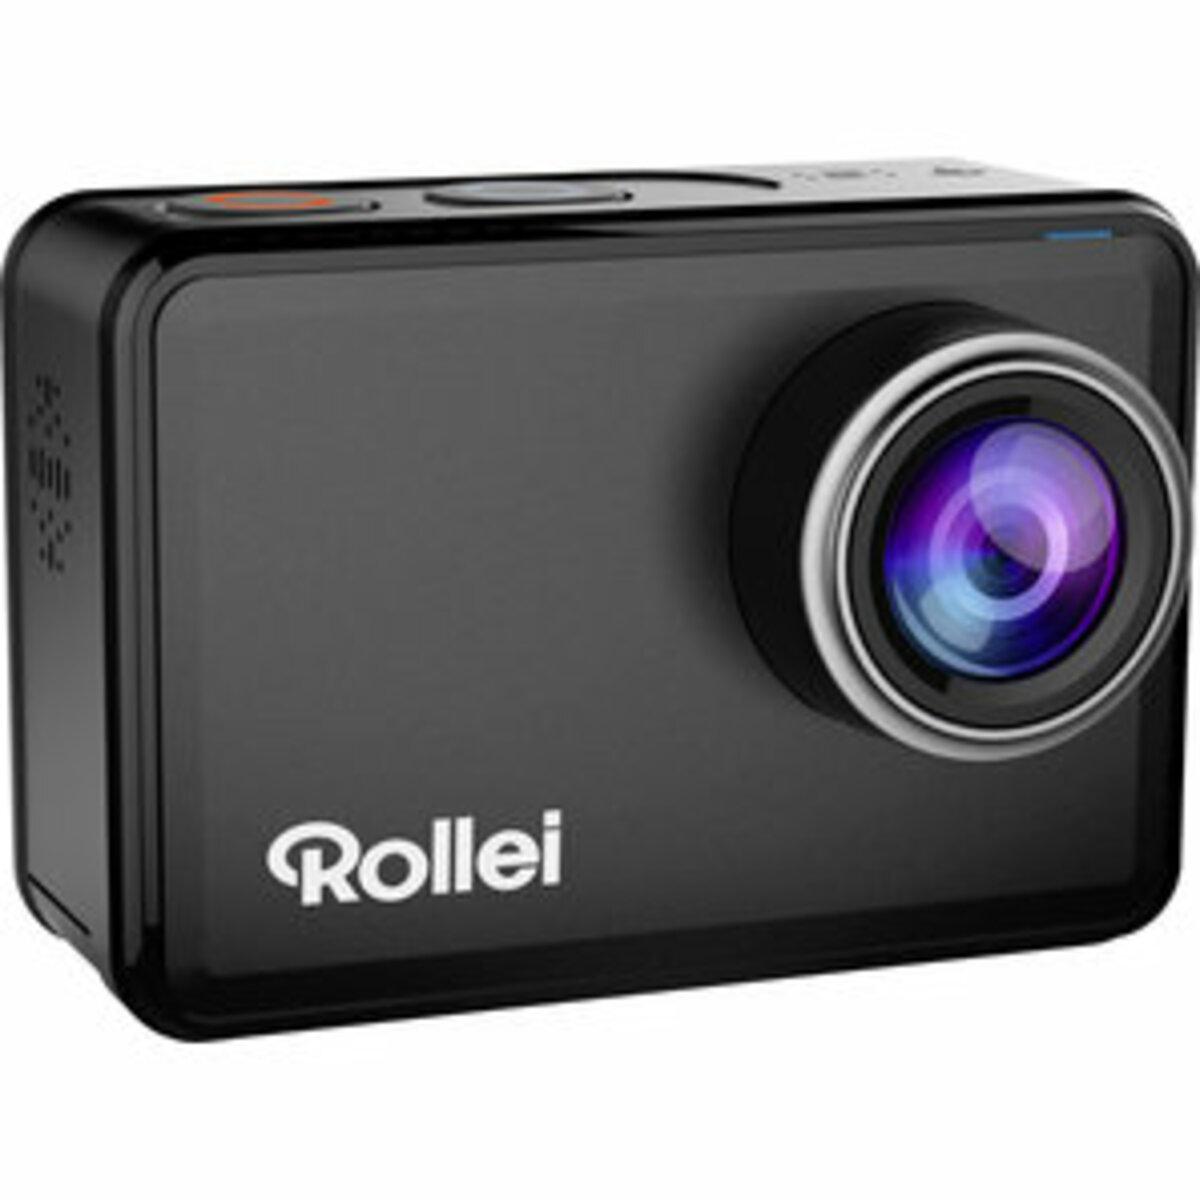 Bild 3 von Rollei 560 Touch Action-        Kamera